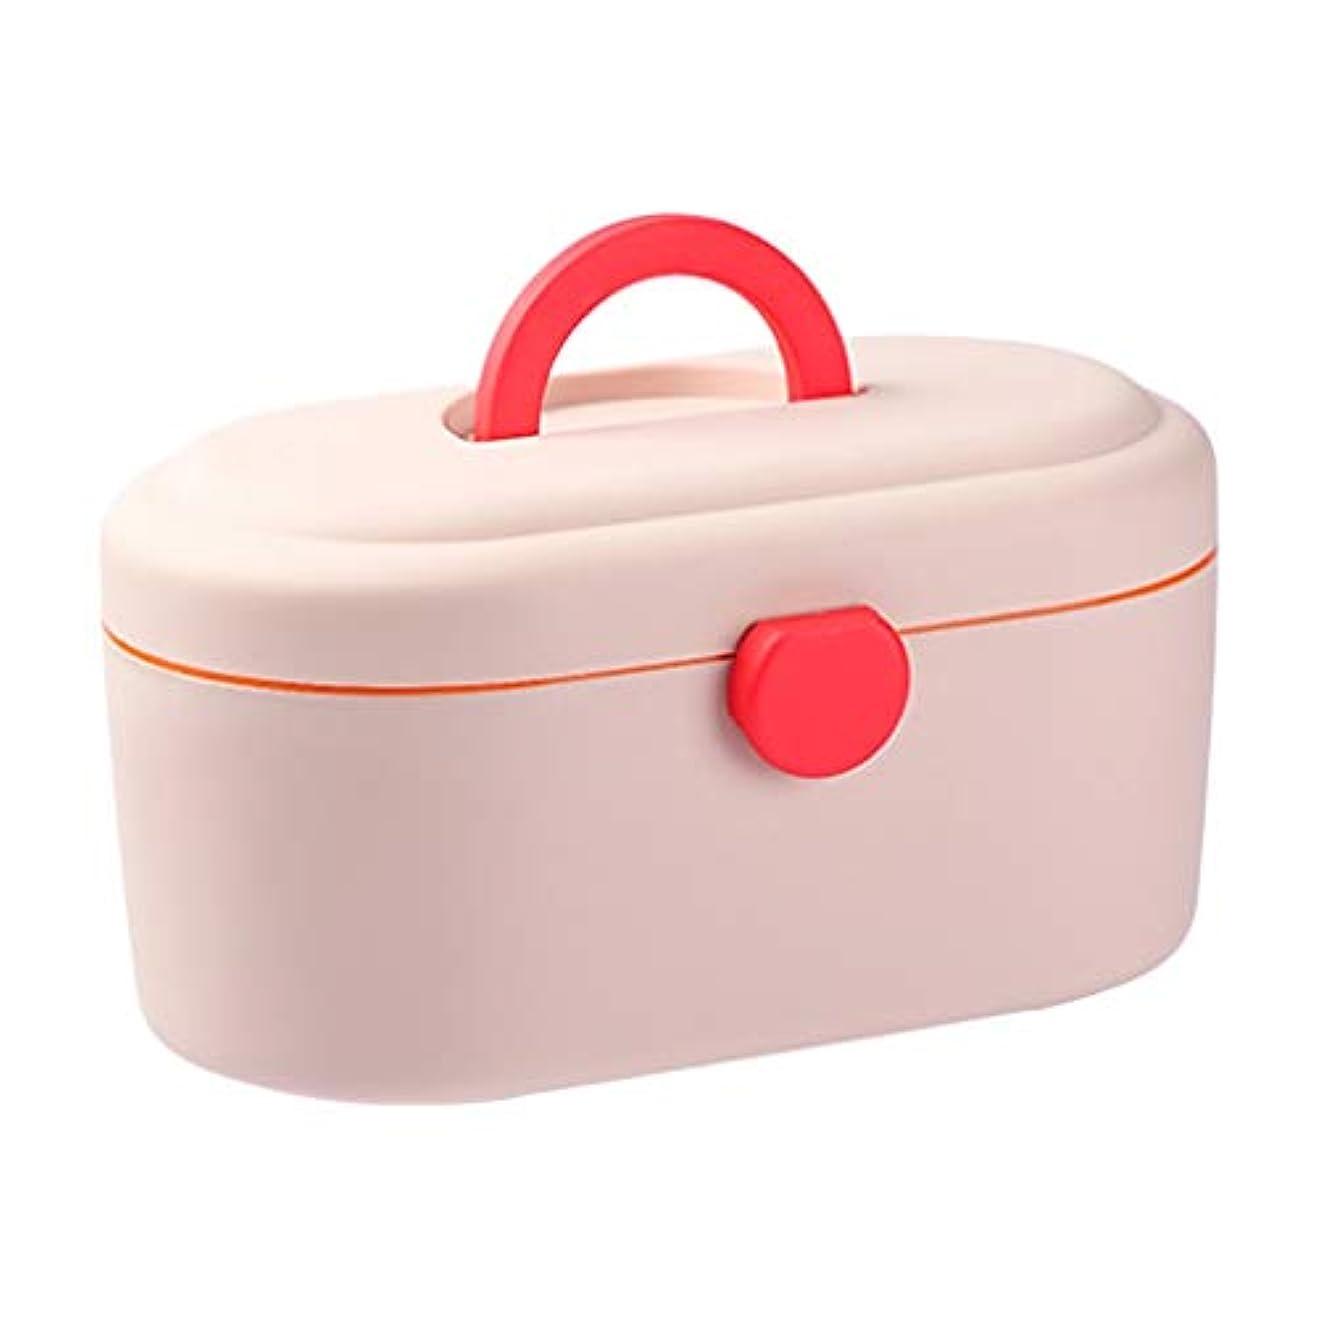 割るエンドウ人柄プルロッドタイプ箱から出して応急処置箱医師手術マイクロツールボックス多機能ポータブル HUXIUPING (Color : Pink)